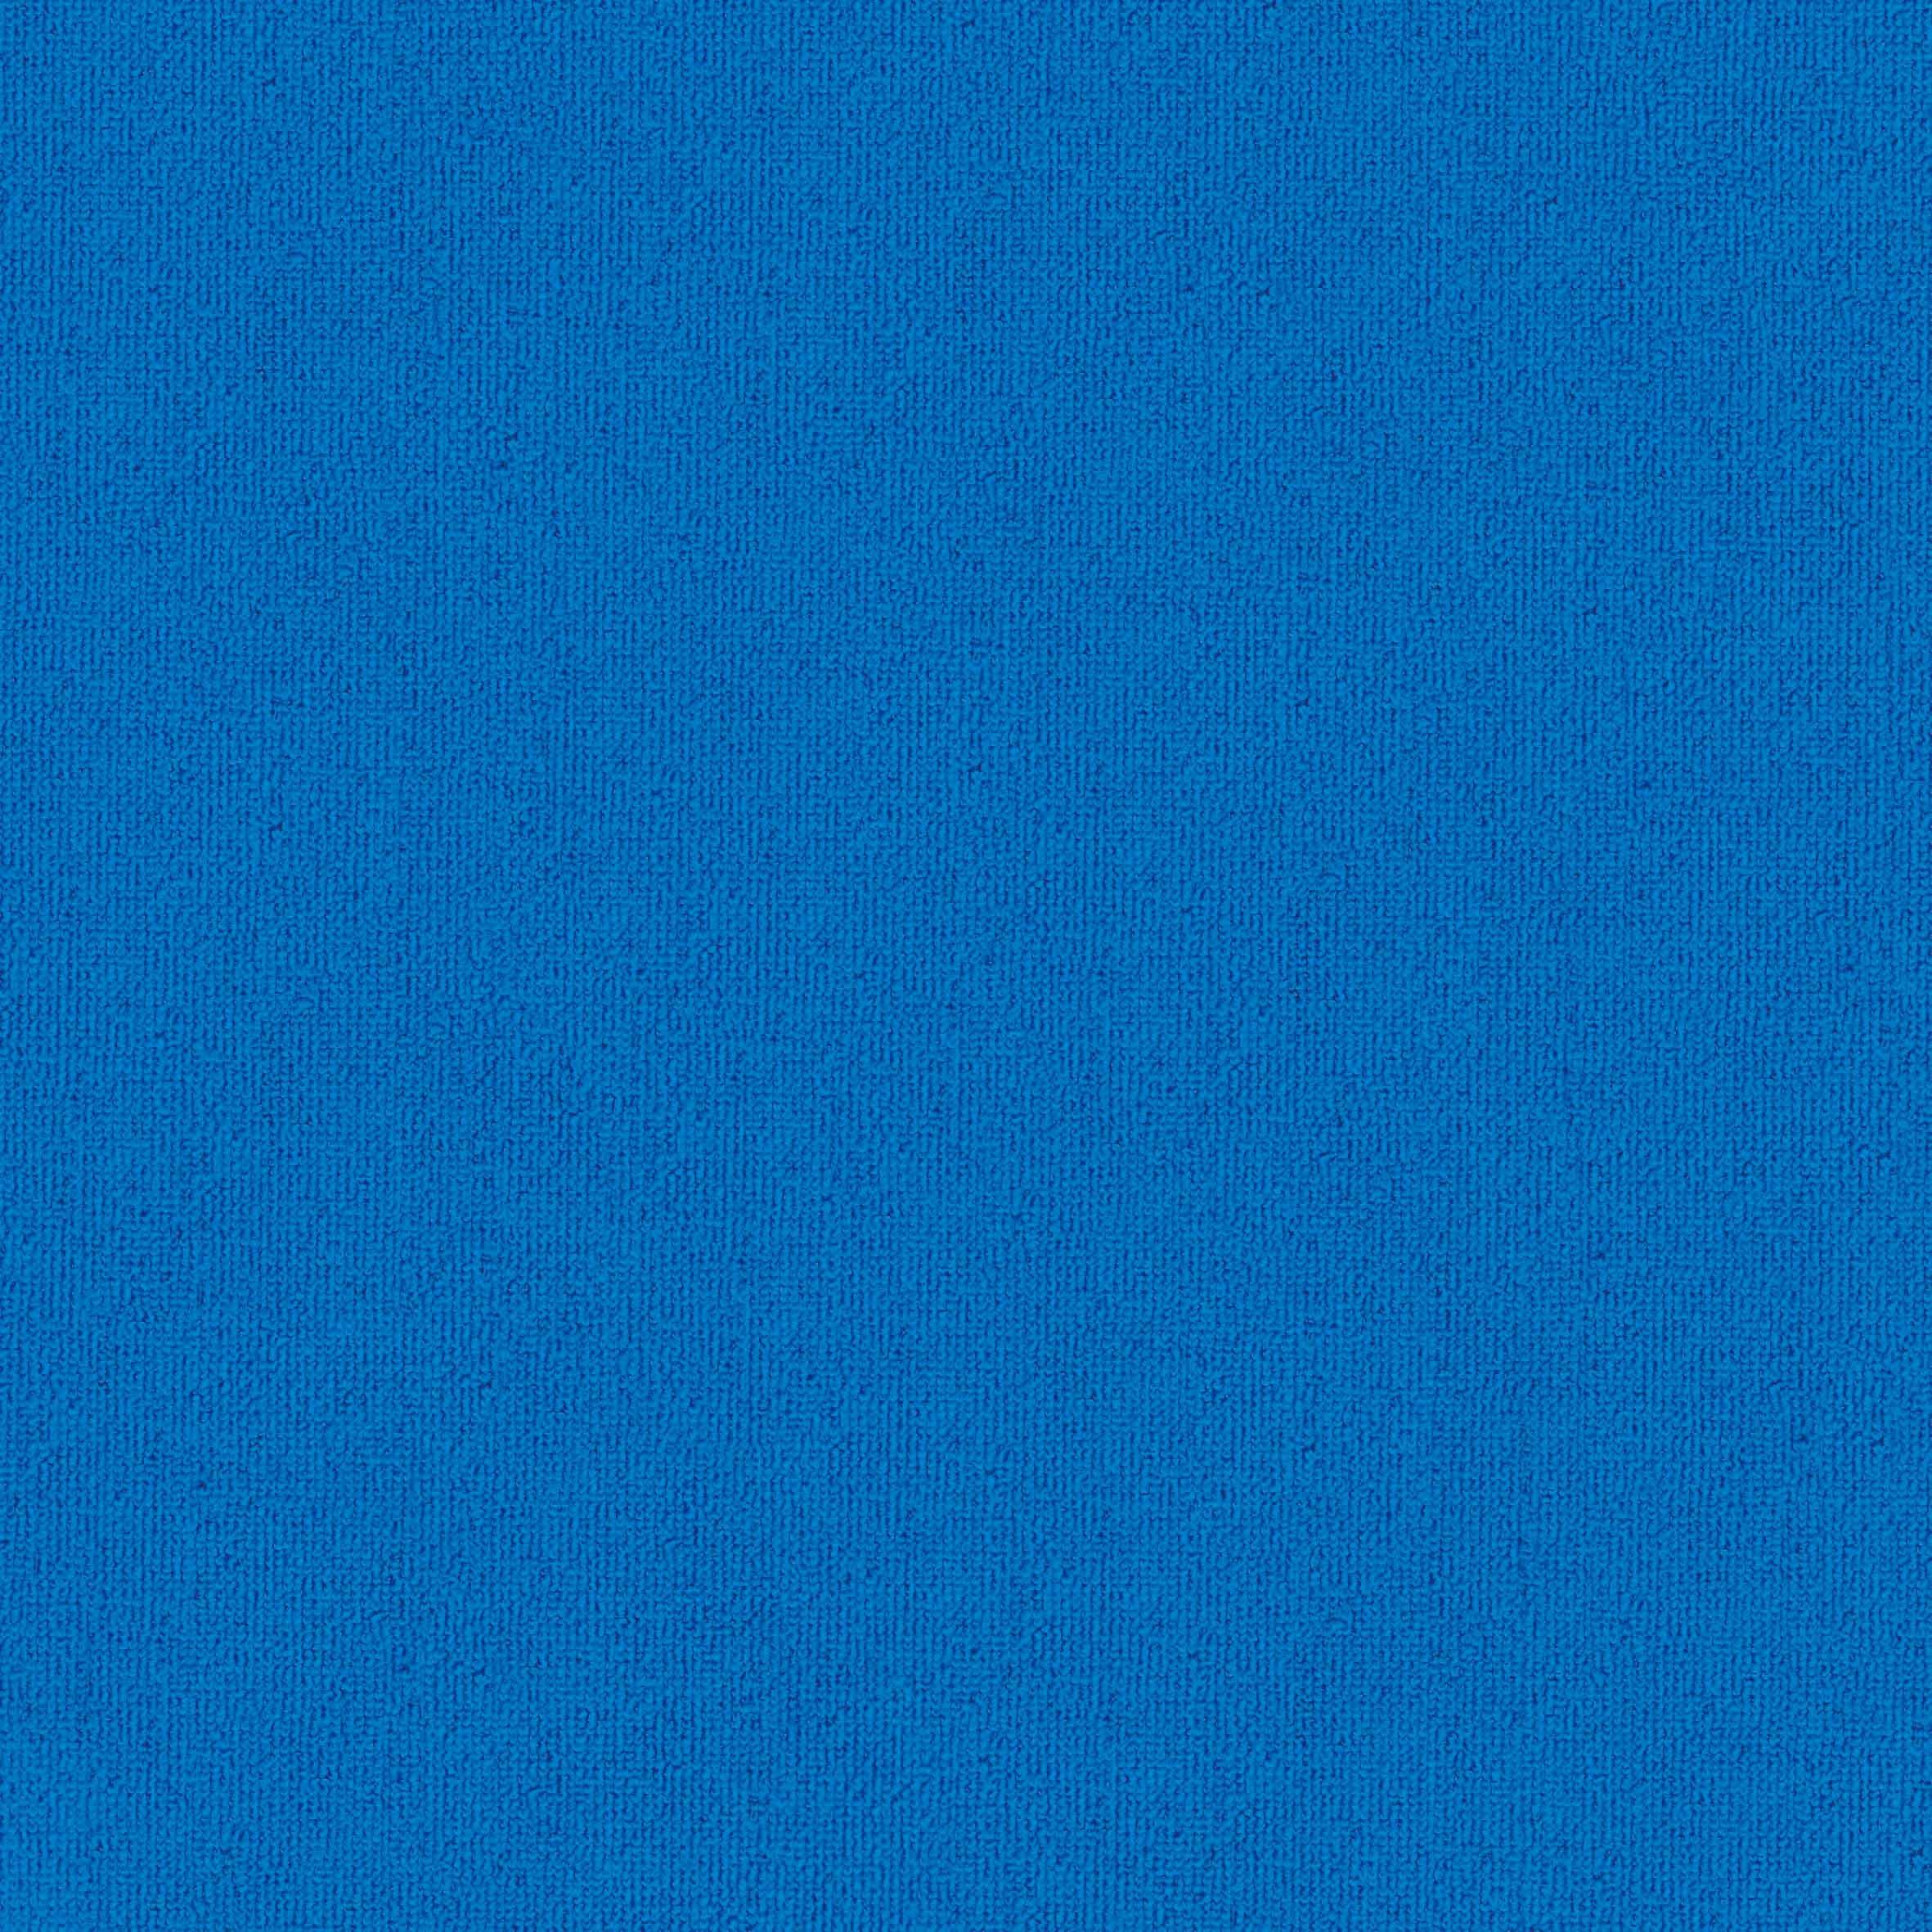 Цветной фон картинки однотонные, днем рождения